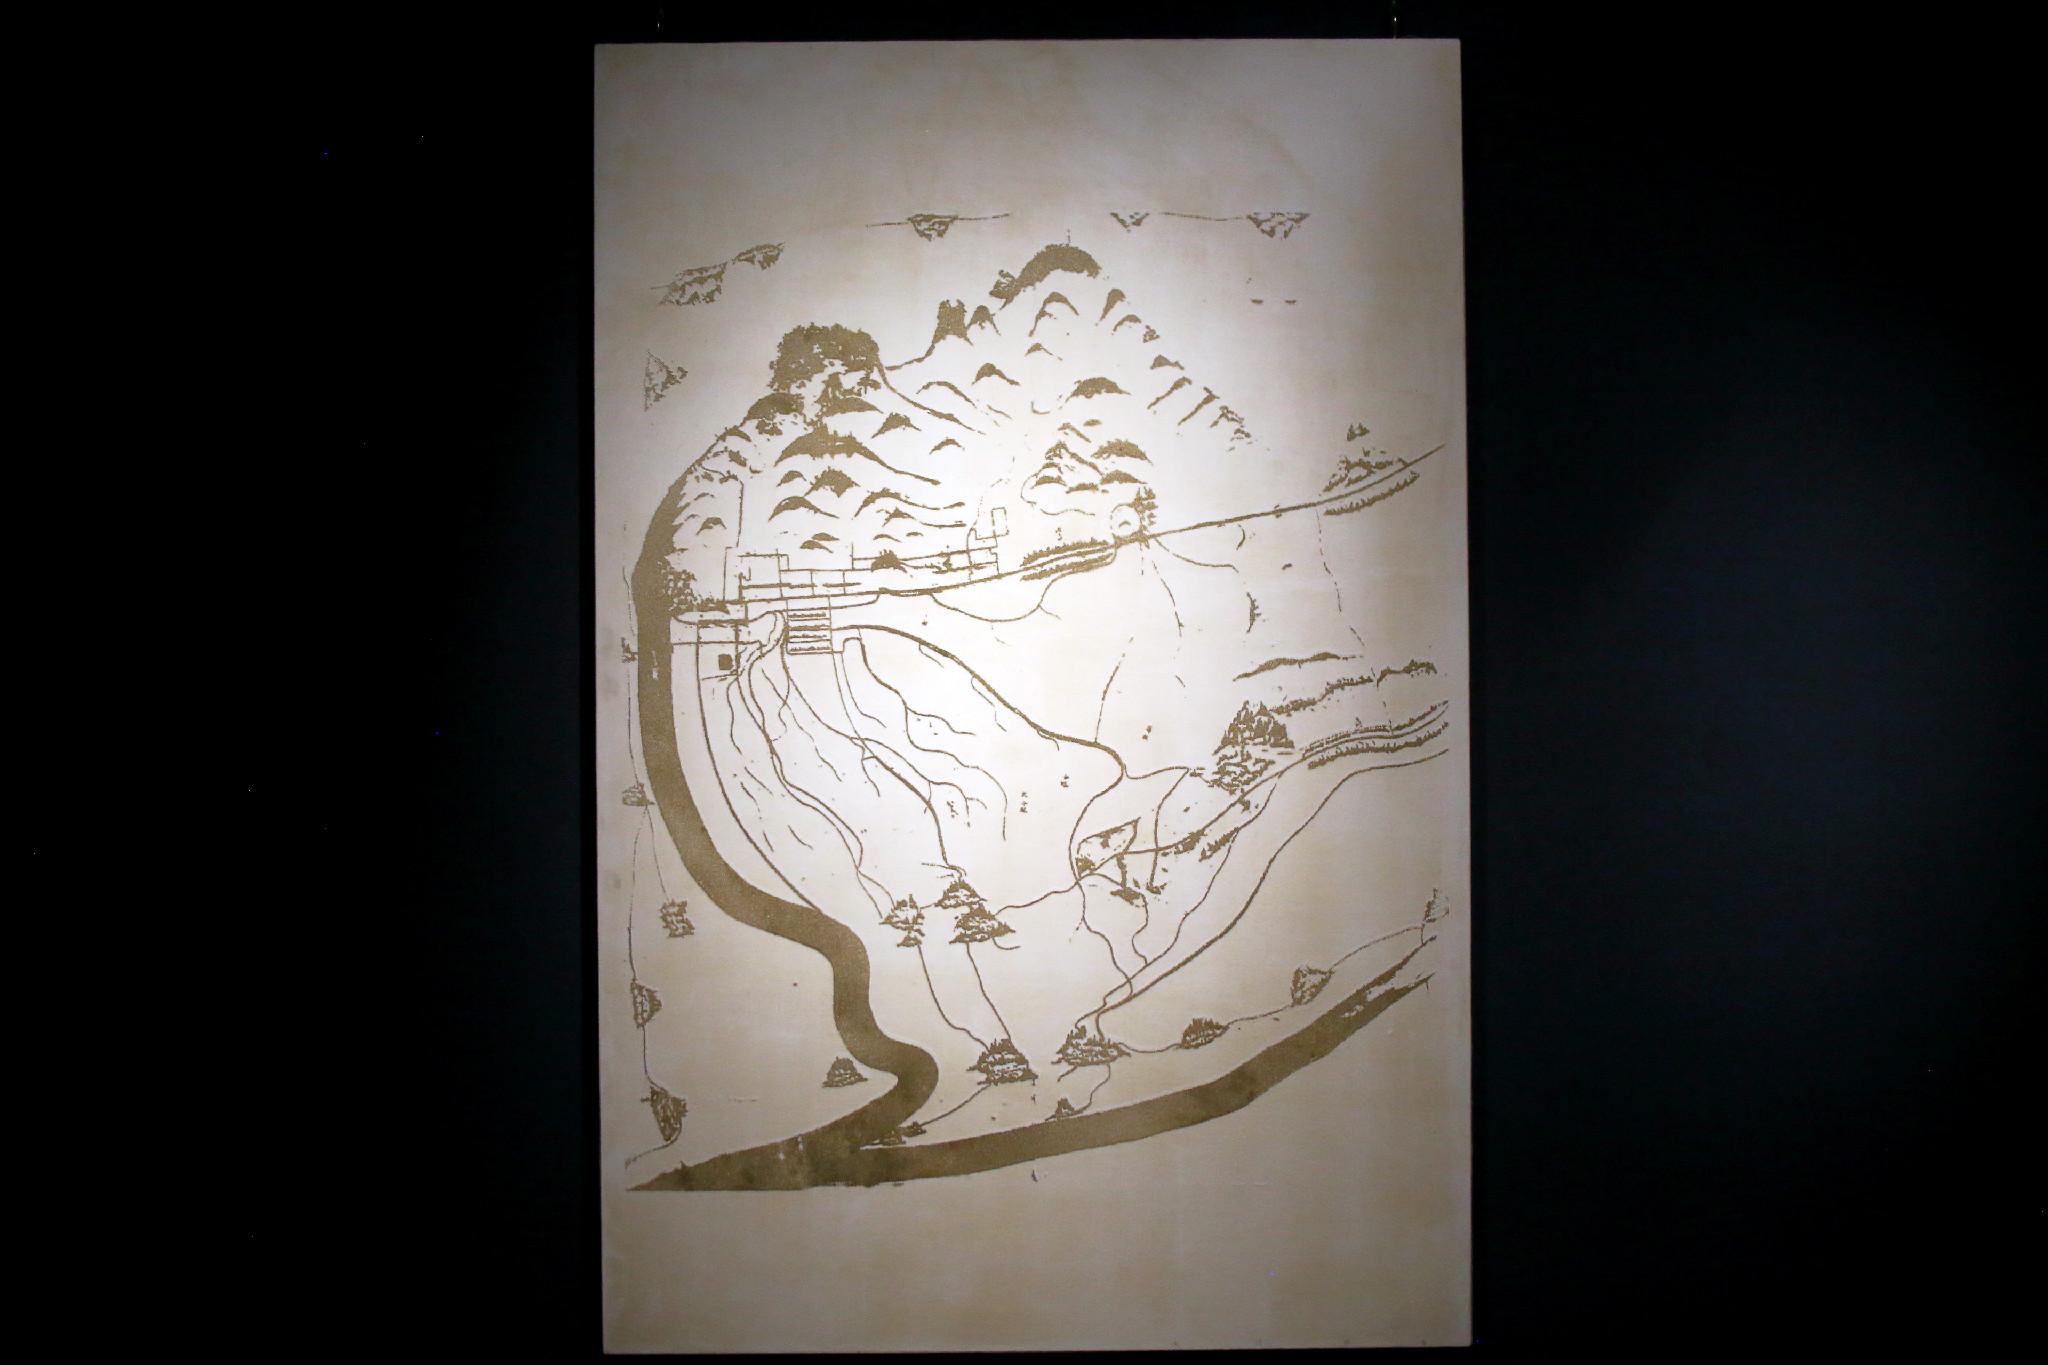 明治3年の岩崎絵図を黄麹胞子で浮かび上がらせる